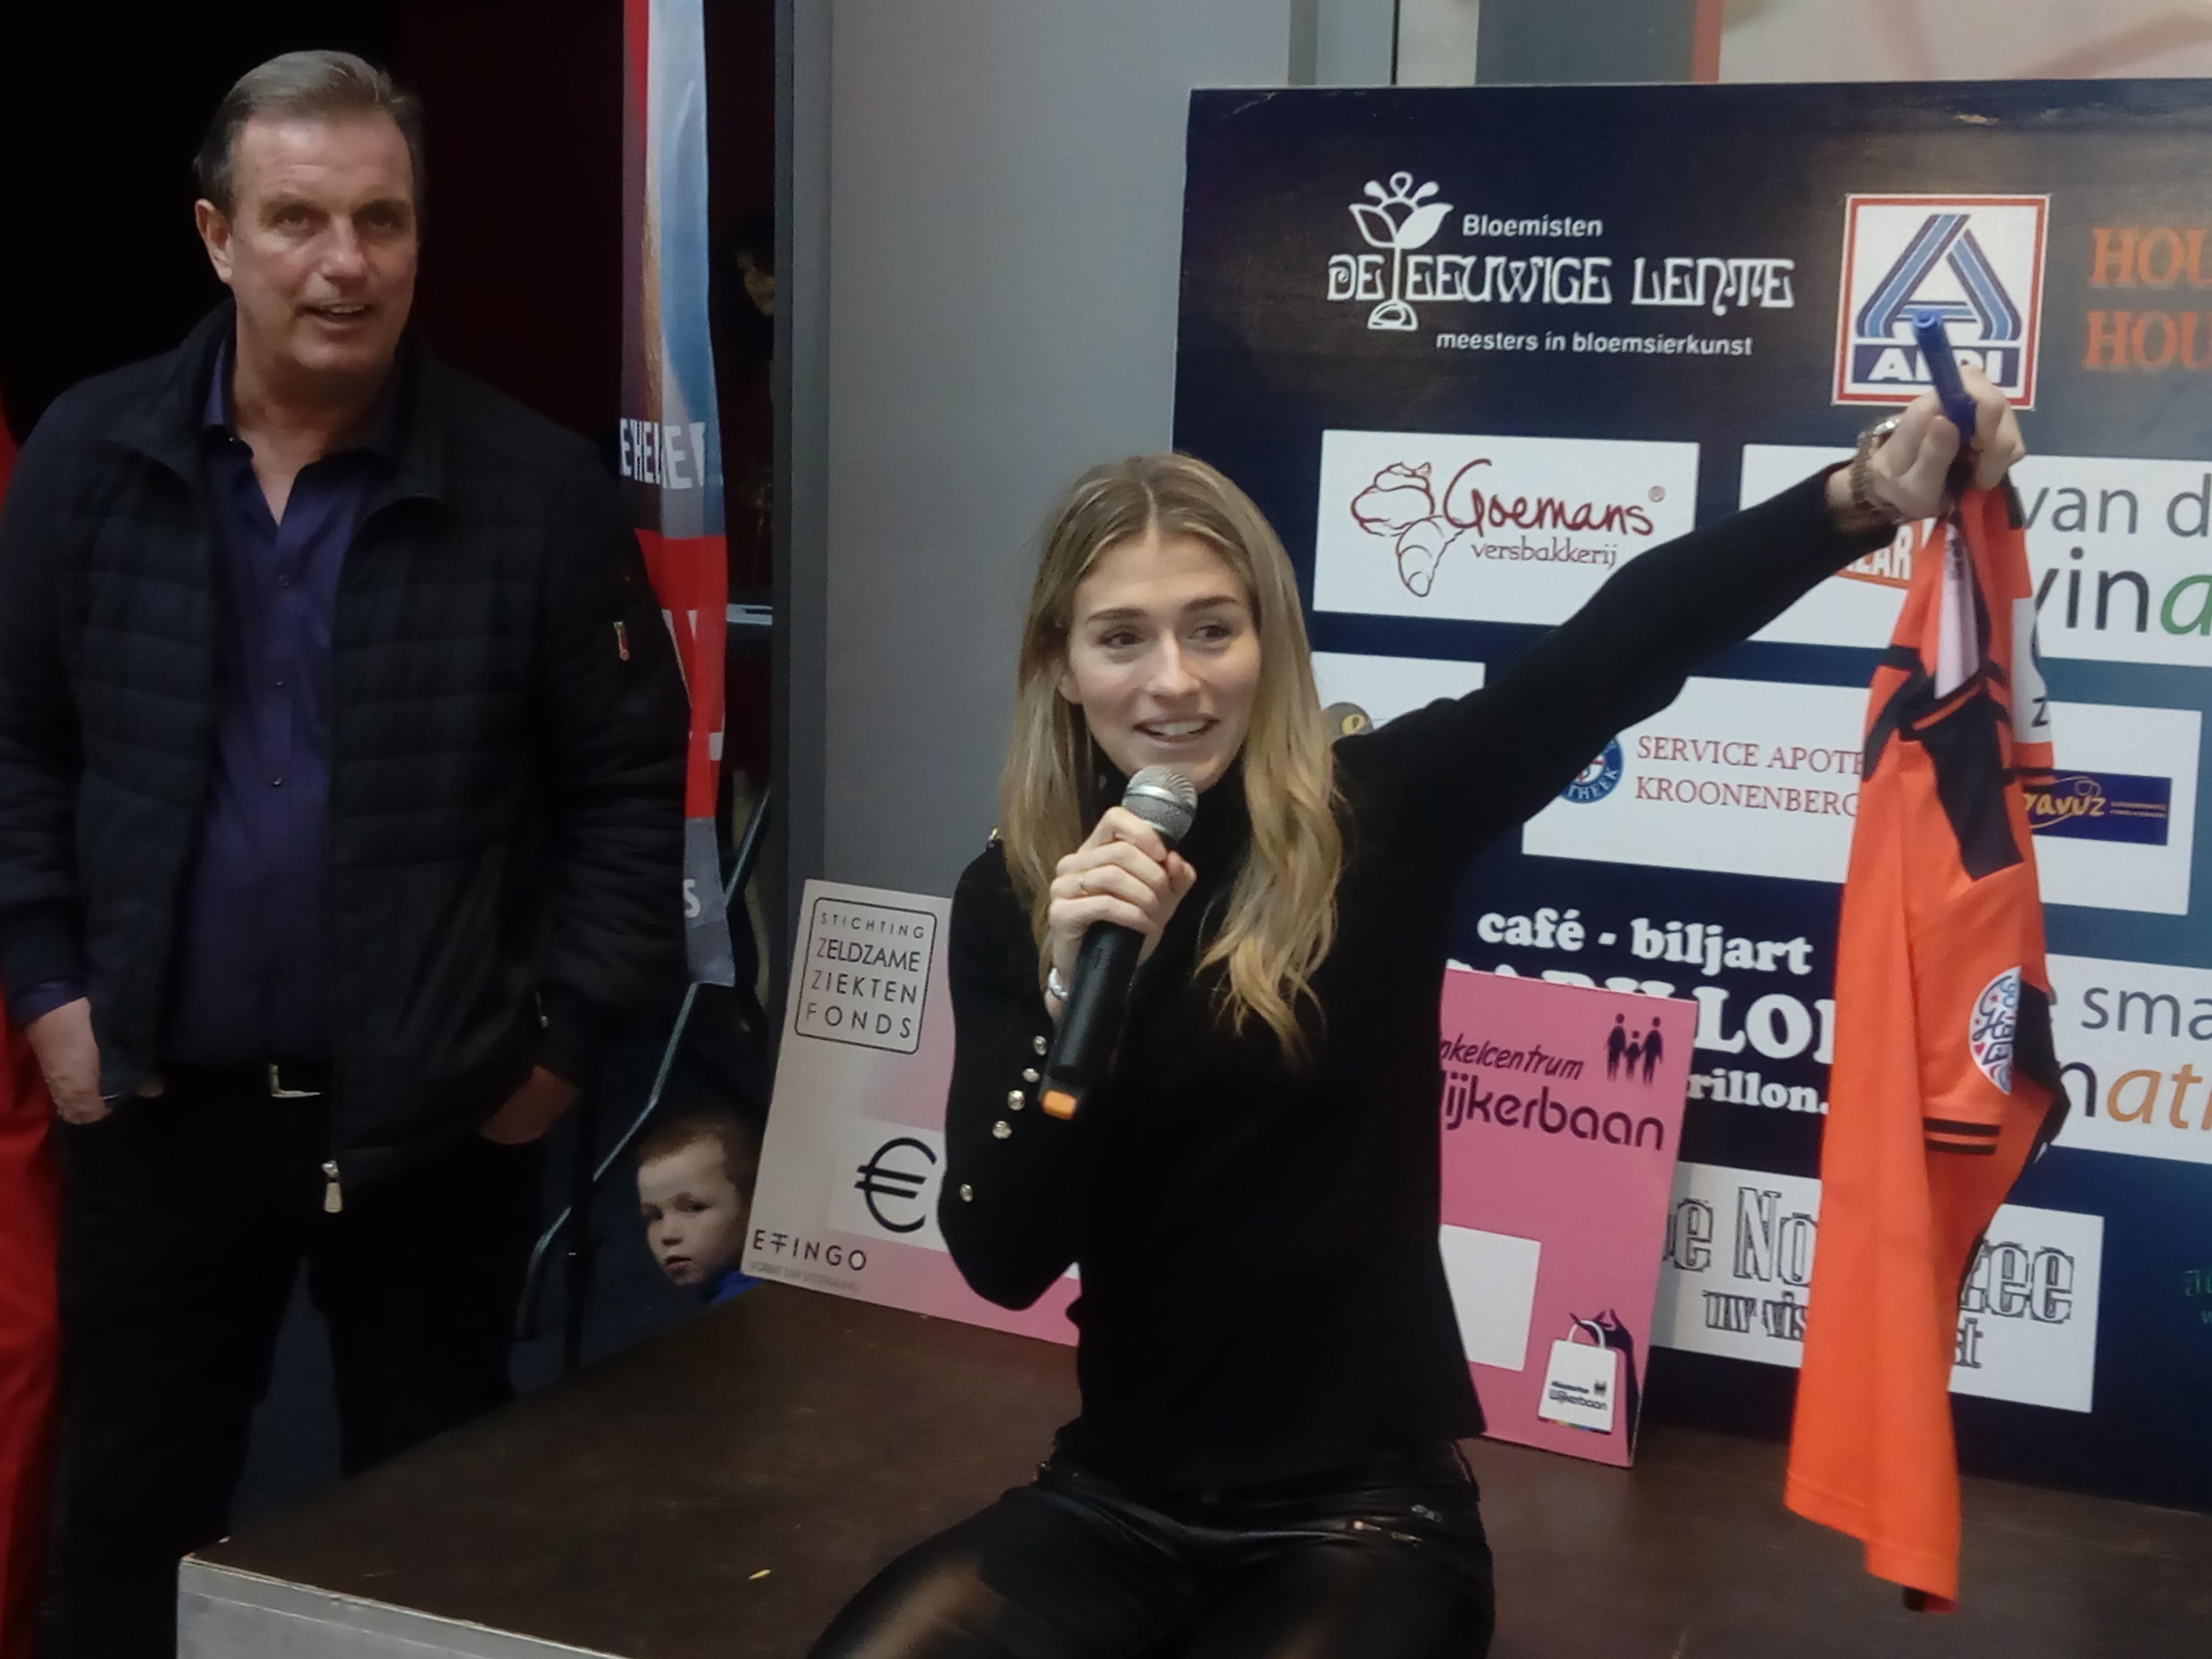 Estavana Polman veilde zaterdagmiddag zelf het door haar gedragen shirt. (foto: Bos Media Services)